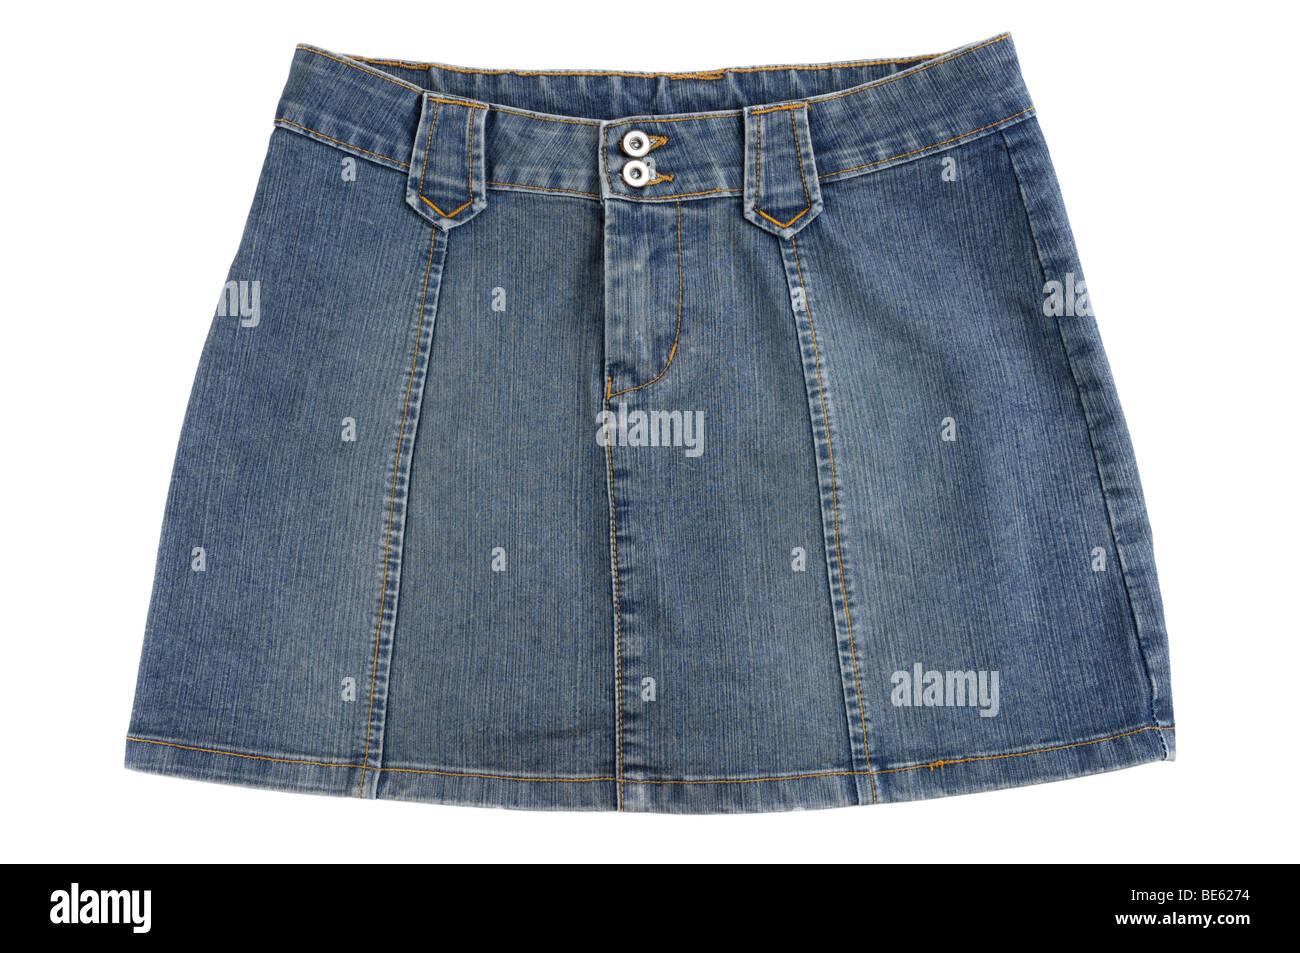 Blue jeans mini skirt - Stock Image